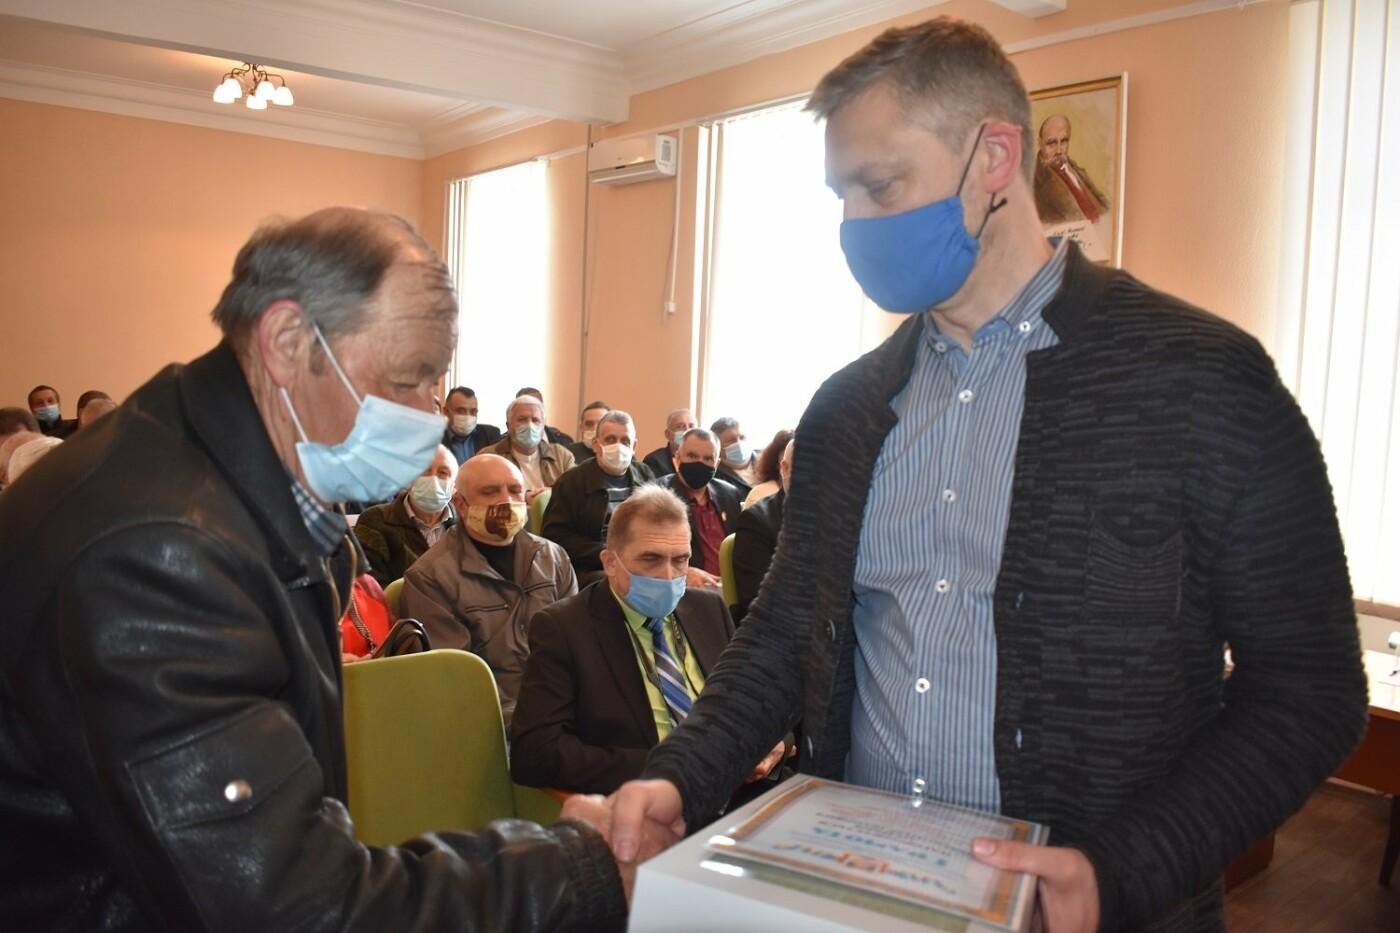 В Северодонецке наградили грамотами ликвидаторов чернобыльской катастрофы (фото), фото-1